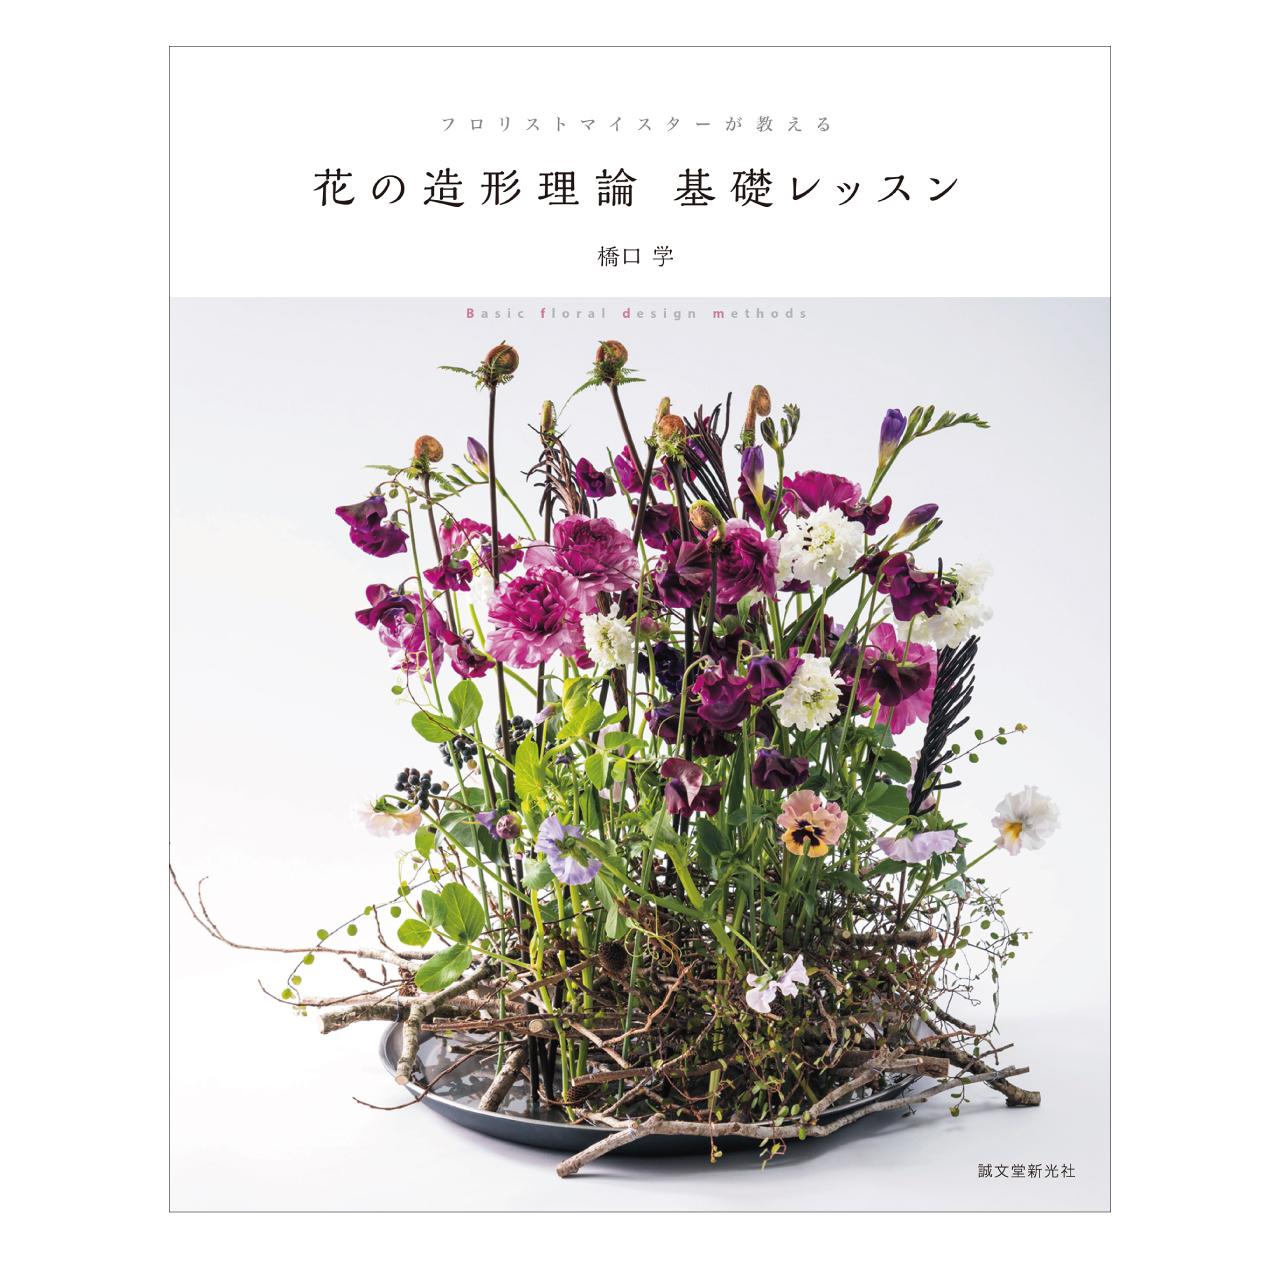 フロリストマイスターが教える 花の造形理論 基礎レッスン